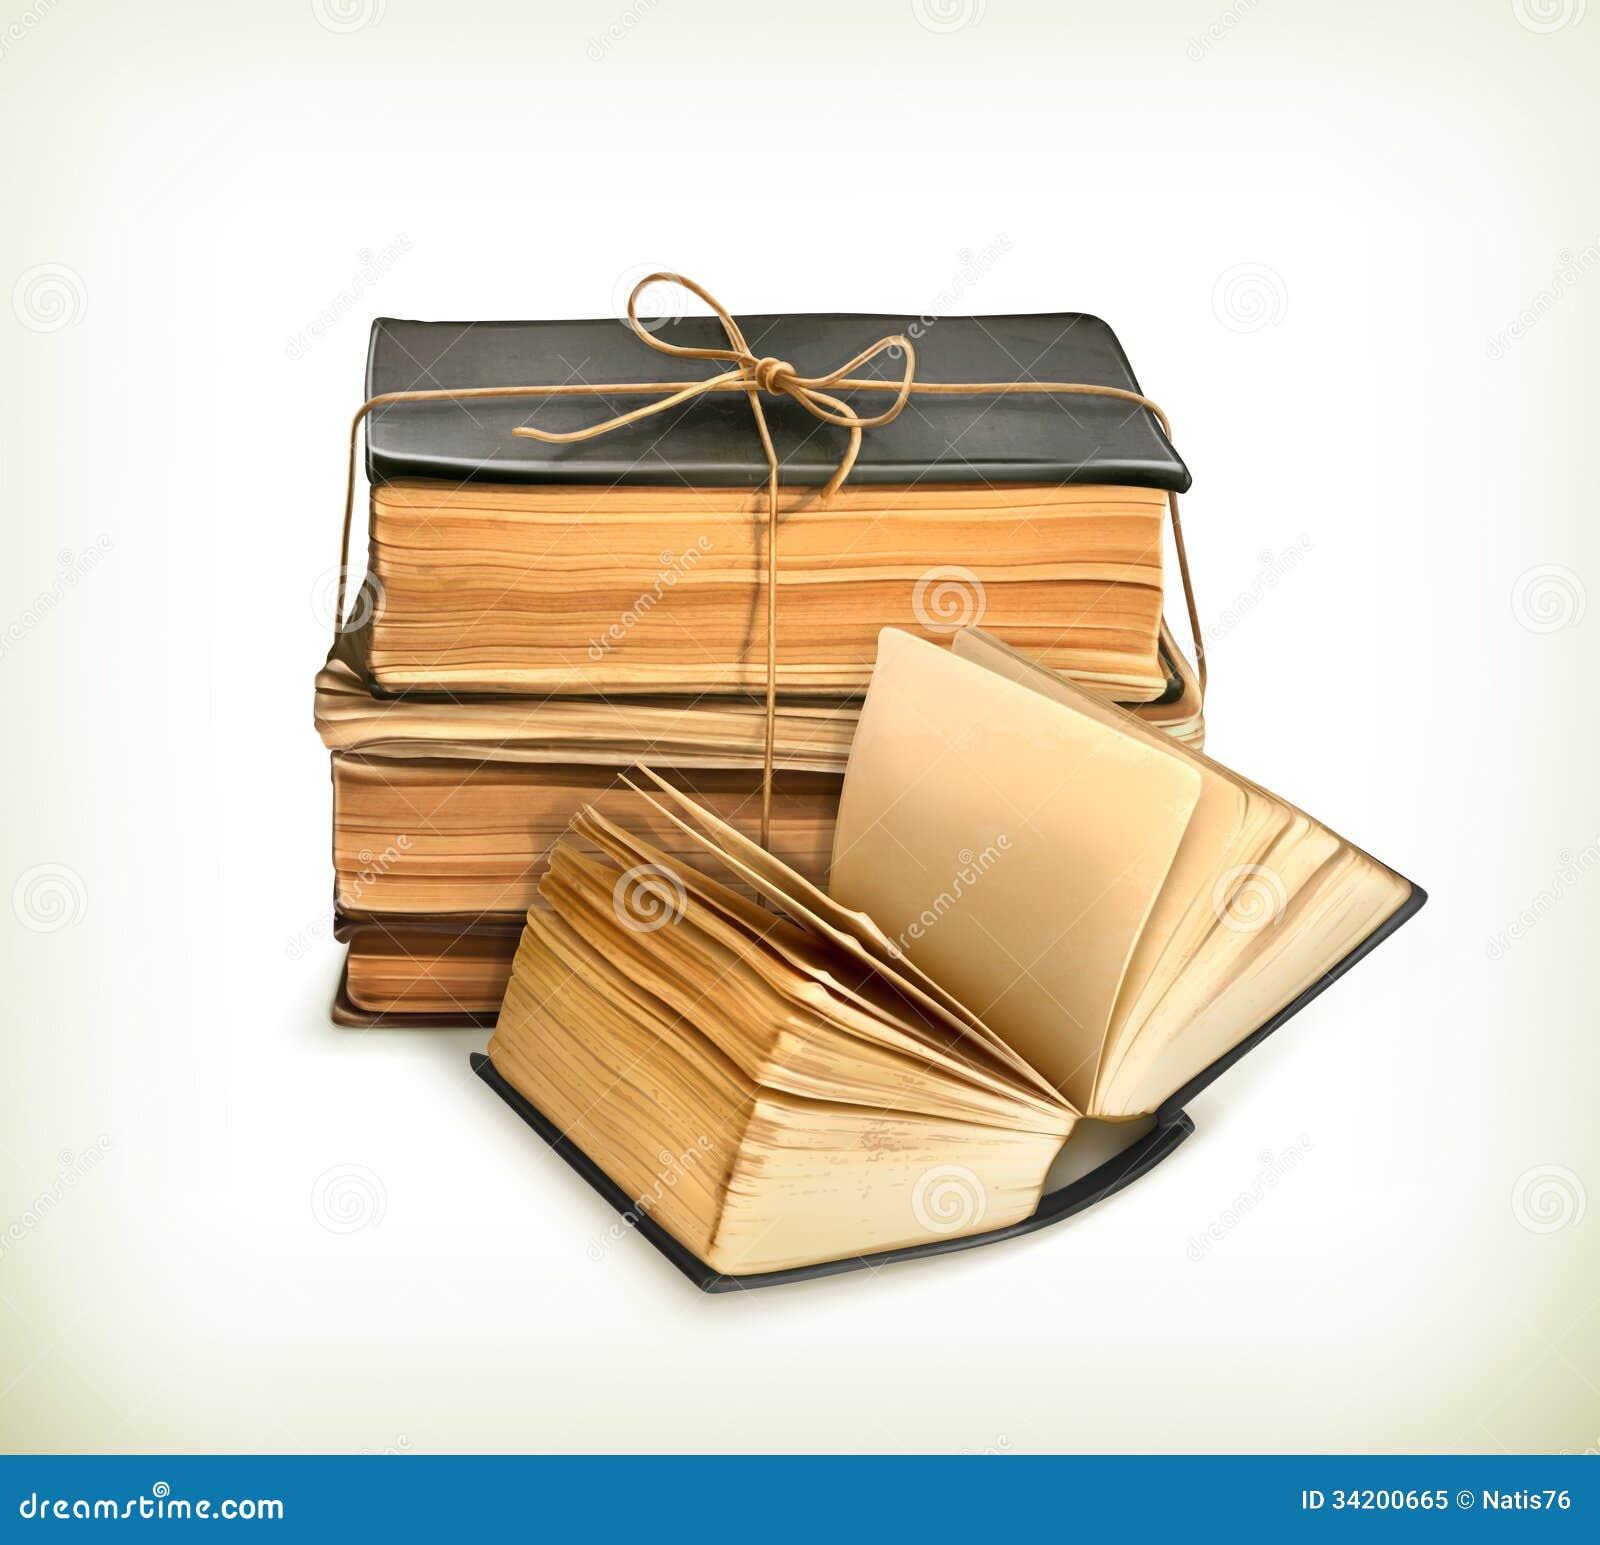 Book Cover Images Royalty Free ~ Stapel oude boeken vector illustratie